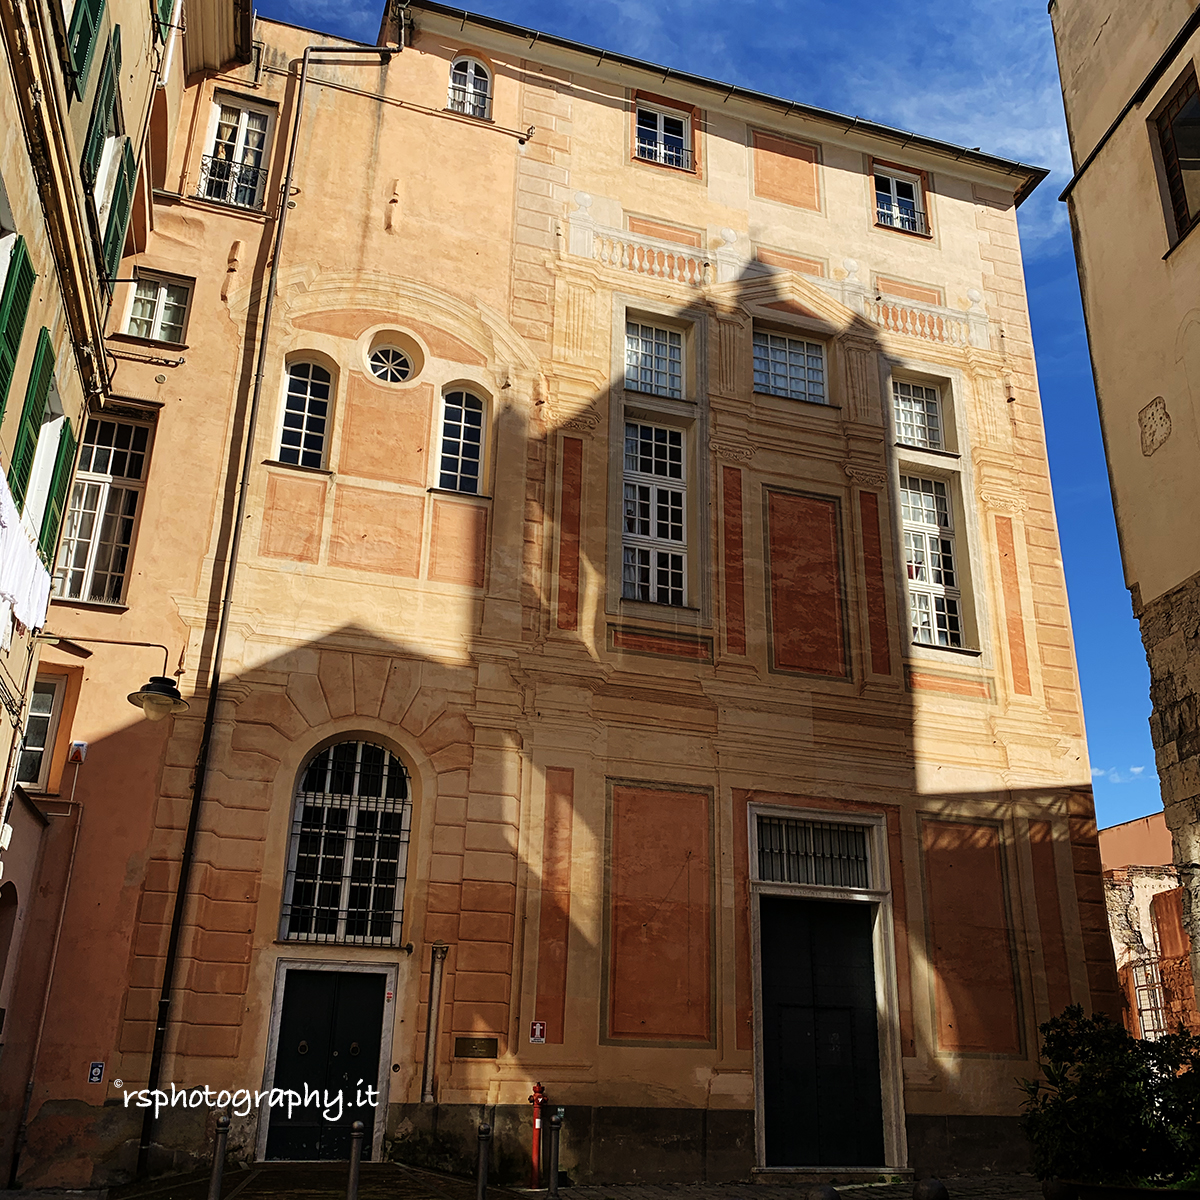 https://www.rsphotography.it/2020/02/27/genova-e-la-liguria-sono-meravigliose-centro-storico/